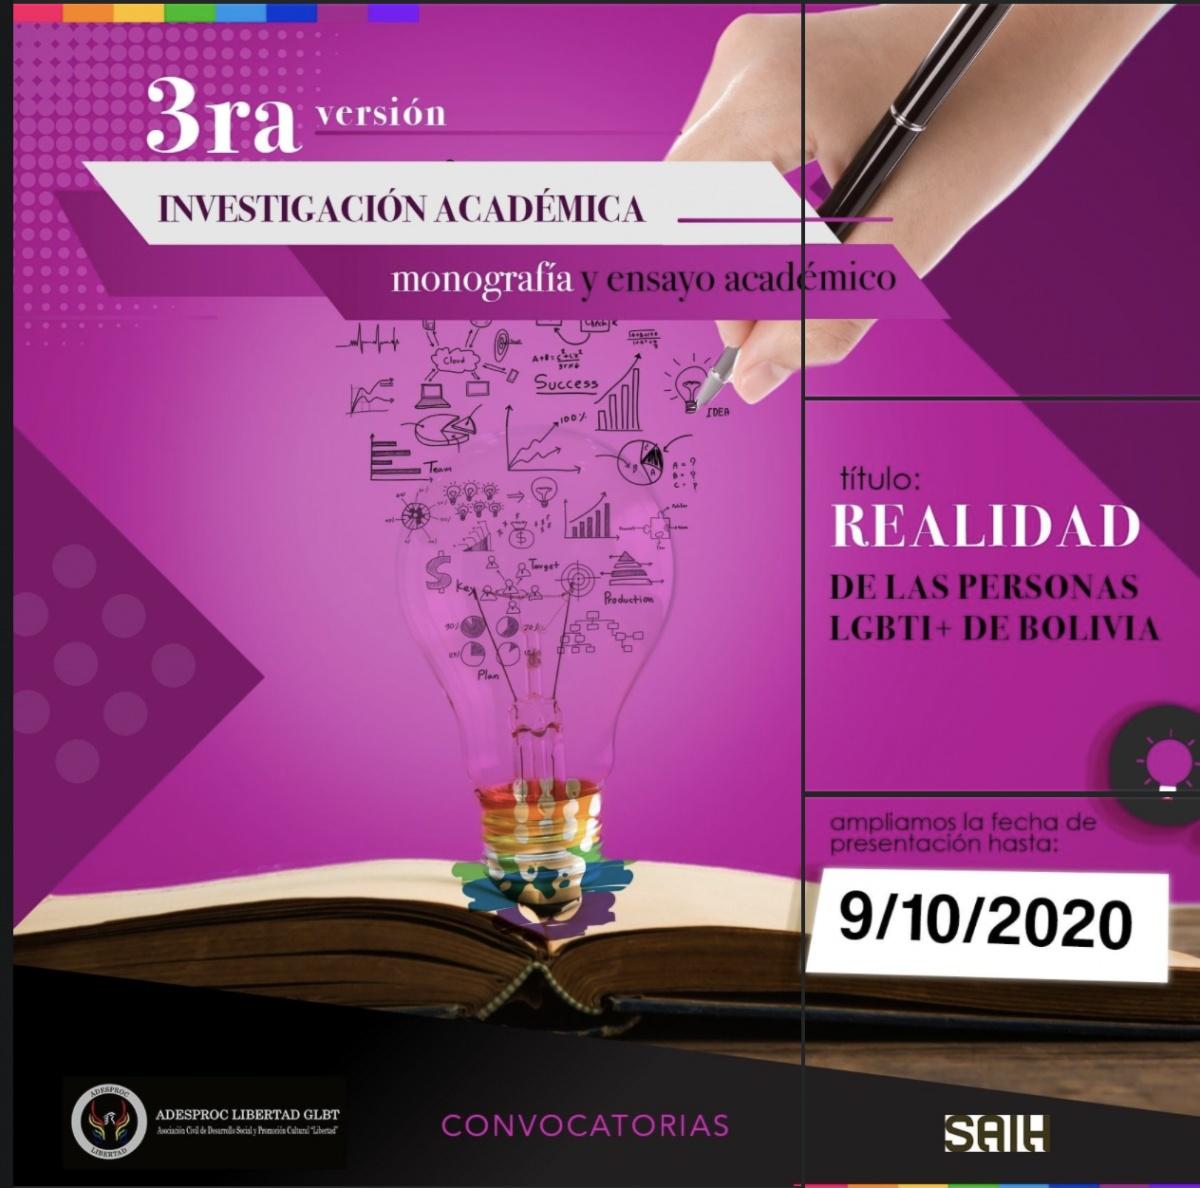 Convocatoria Concurso de investigación, monografía y ensayo académico Investigando la Realidad de las personas LGBTI  en Bolivia  2020